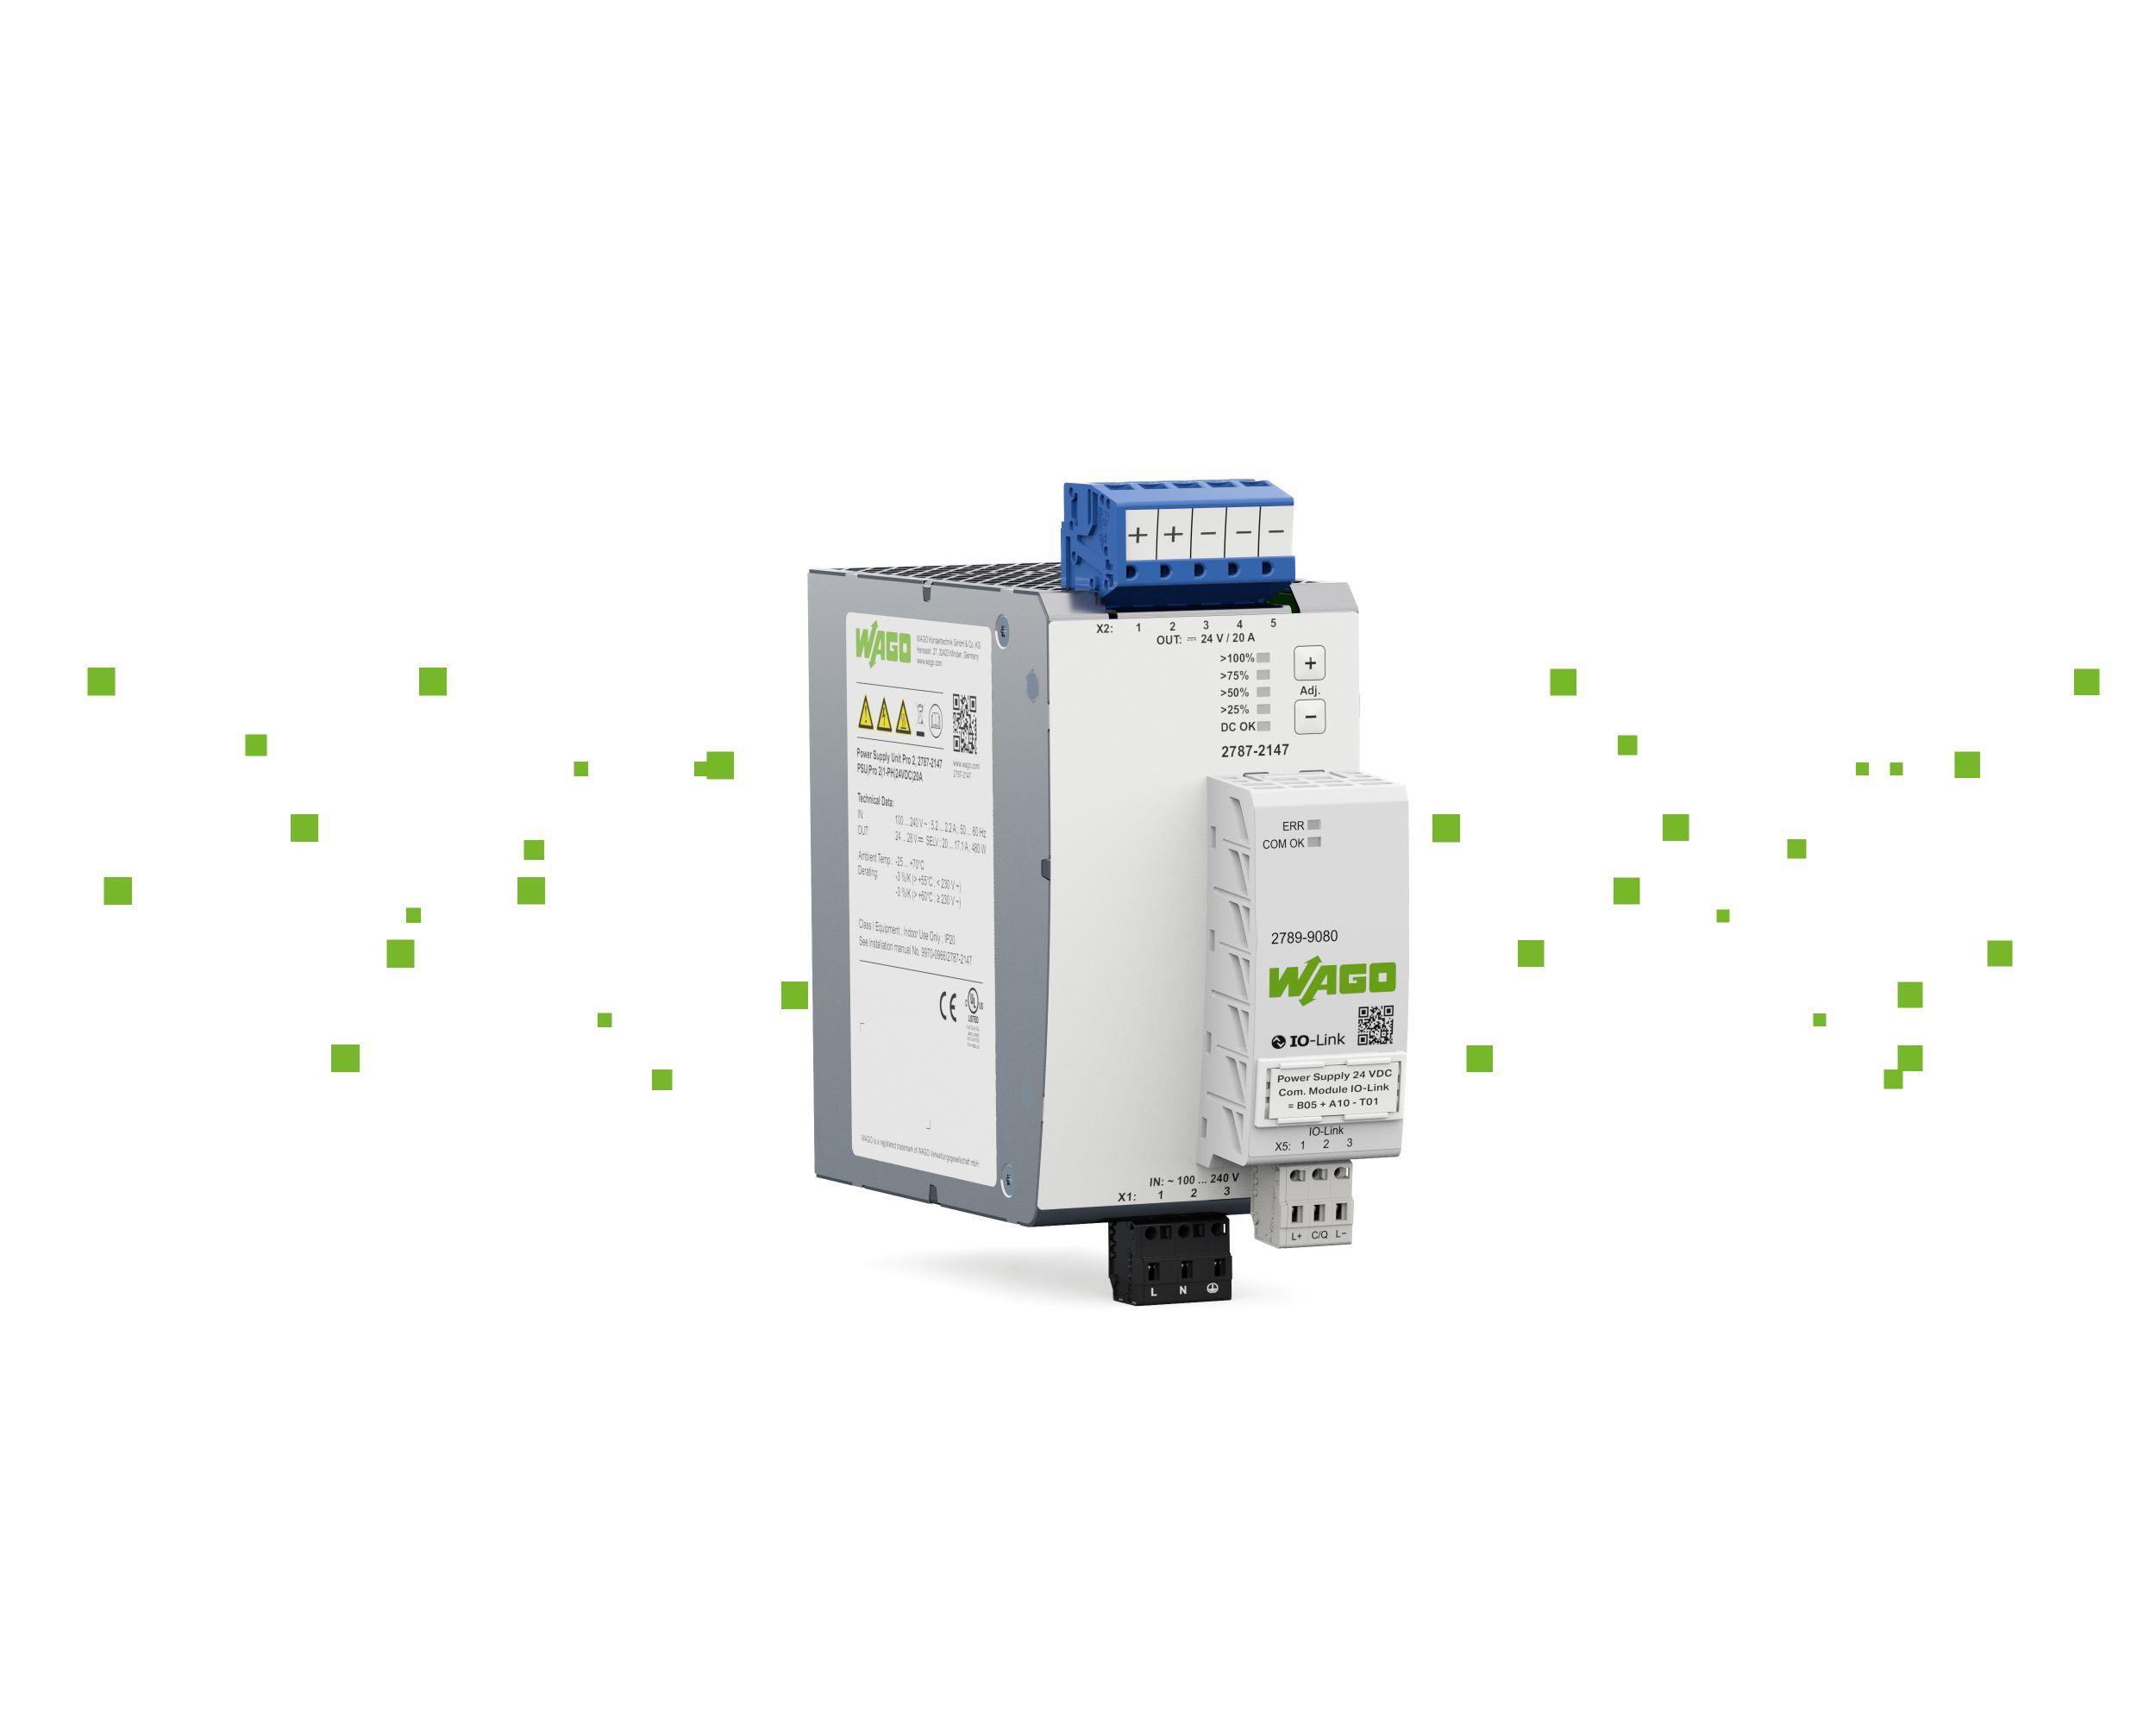 Die Stromversorgung Pro 2 von Wago erfüllt die Anforderungen des Industrie-4.0-Zeitalters. (Bild: Wago Kontakttechnik GmbH & Co. KG)